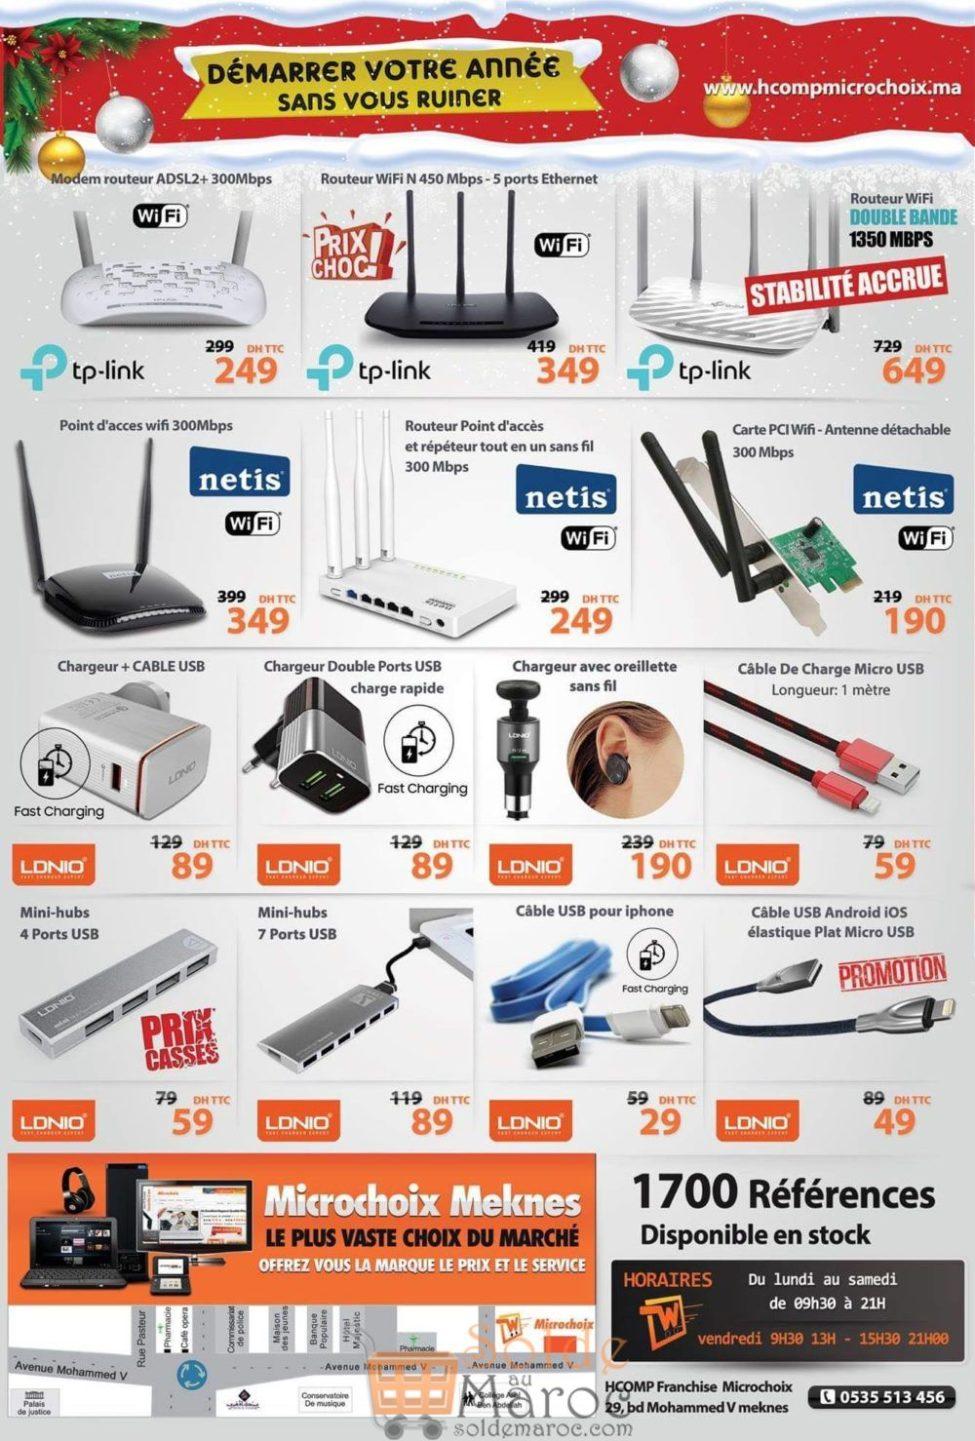 Catalogue Fin d'année Hcomp Microchoix Meknés